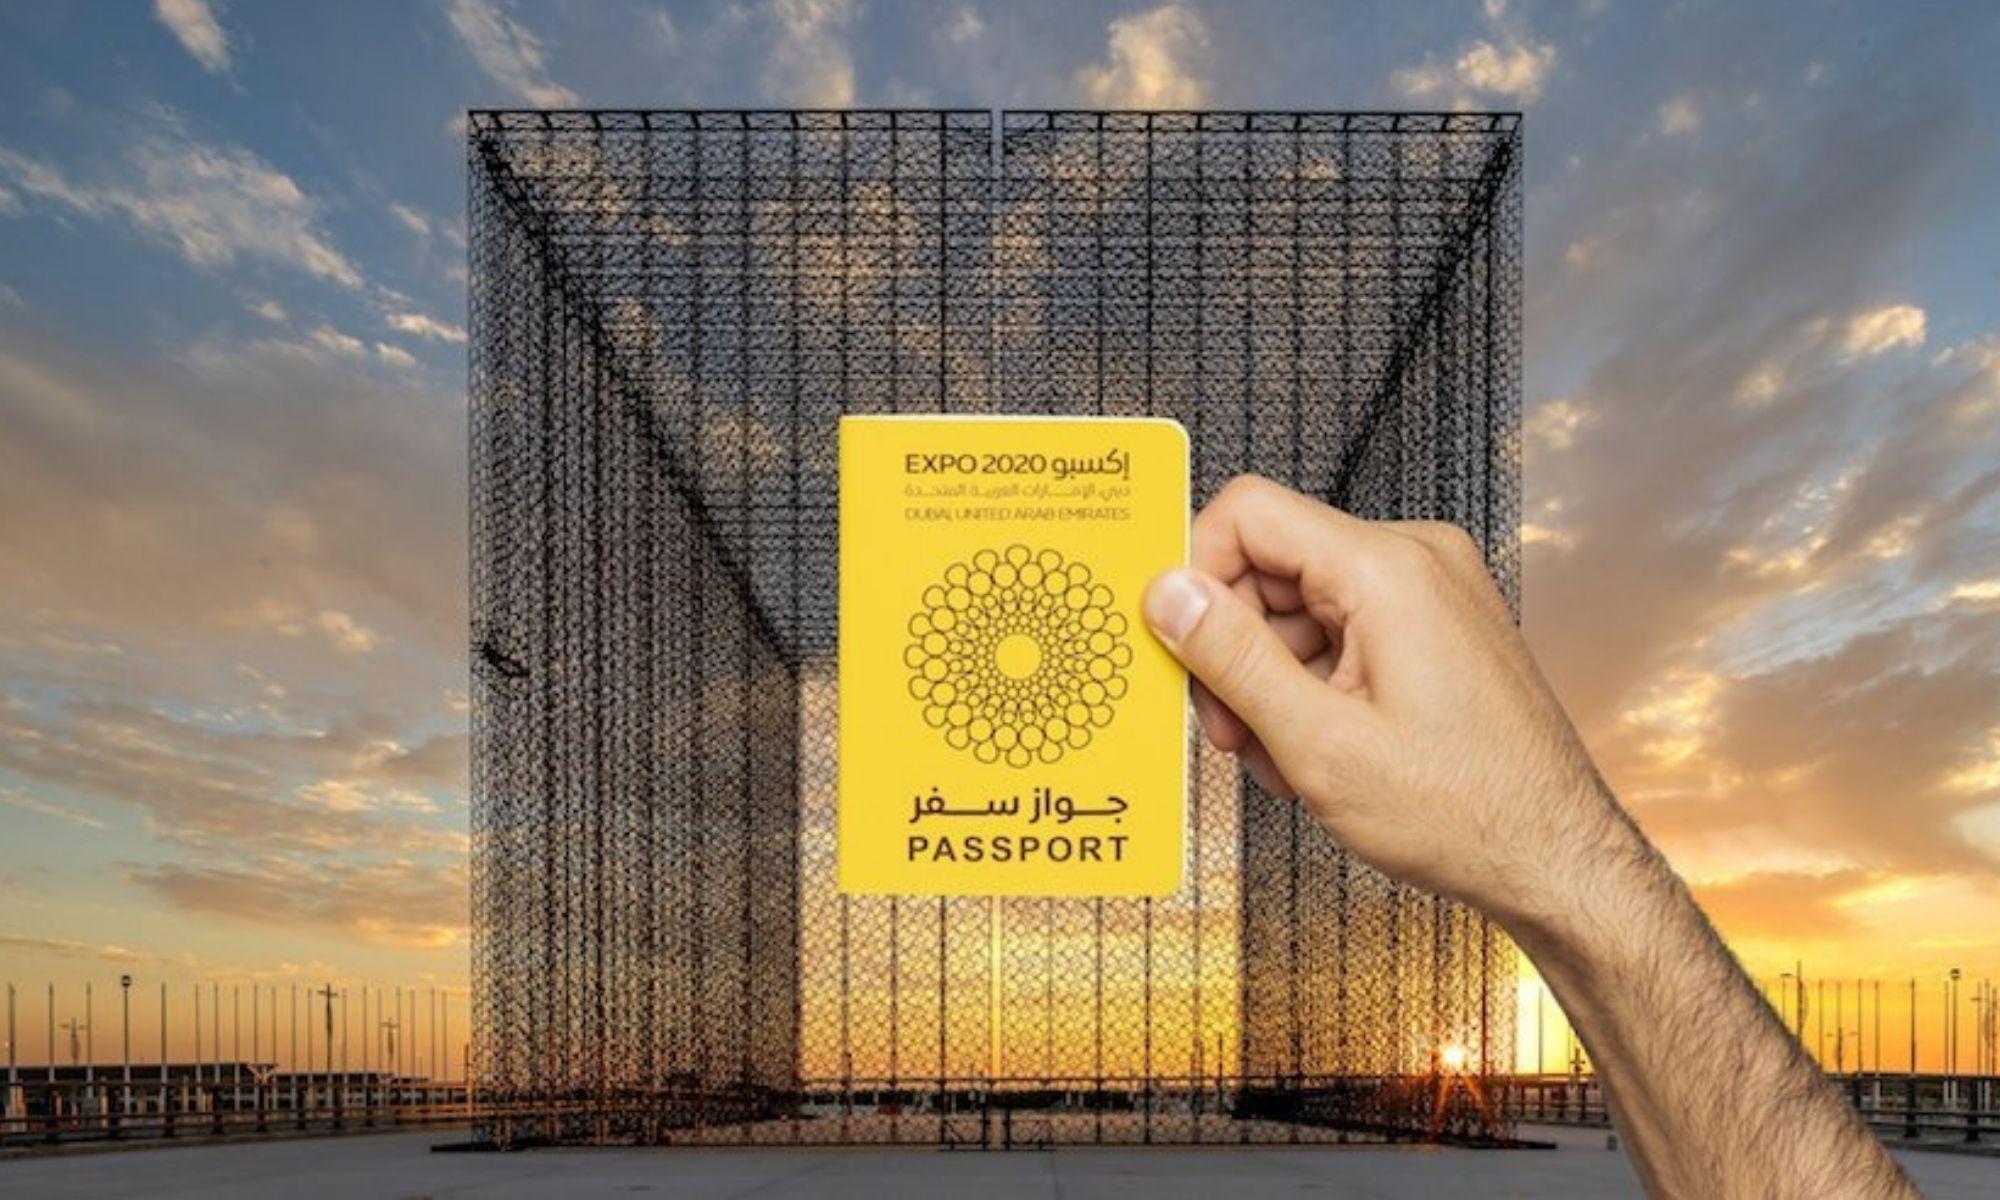 """Le passeport spécial """"Expo 2020 Dubaï"""", un souvenir unique."""